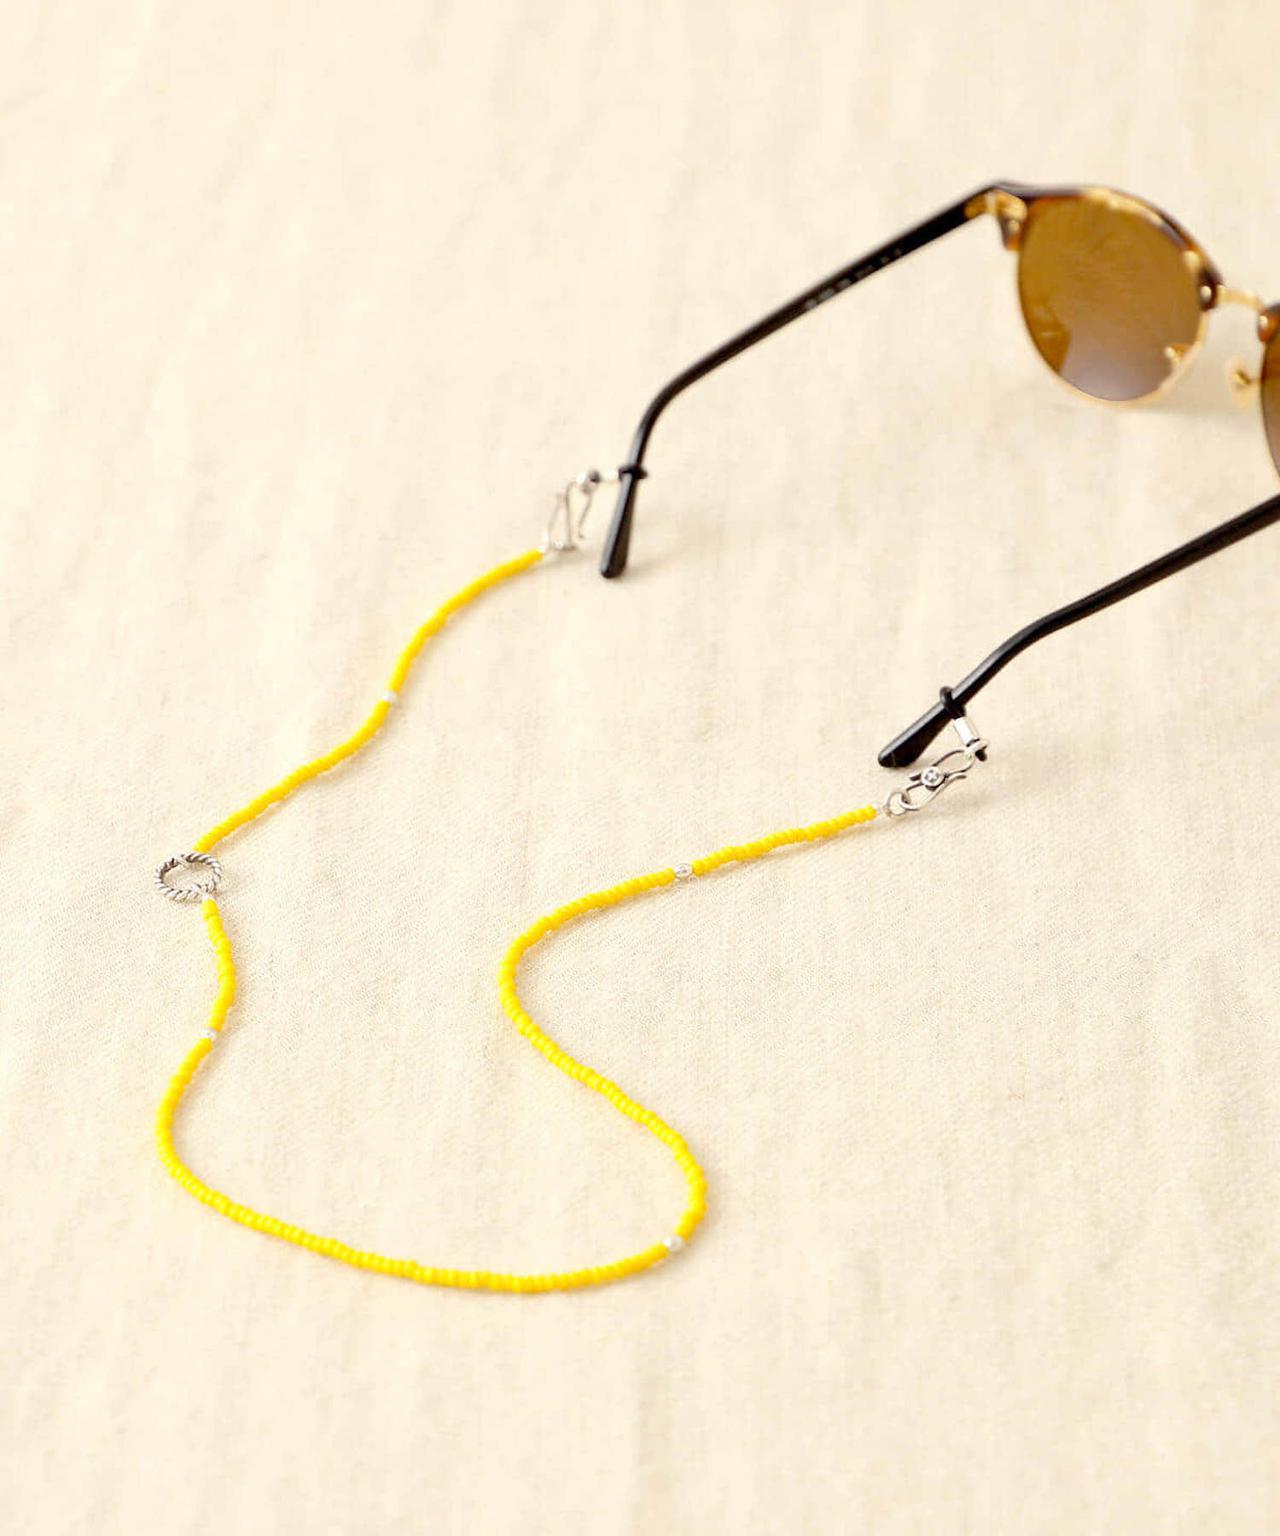 画像: 「MASATO INOUE / ビーズ グラスコード & ネックレス」¥16,060【ビームス プラネッツ】 出典:ビームス プラネッツ